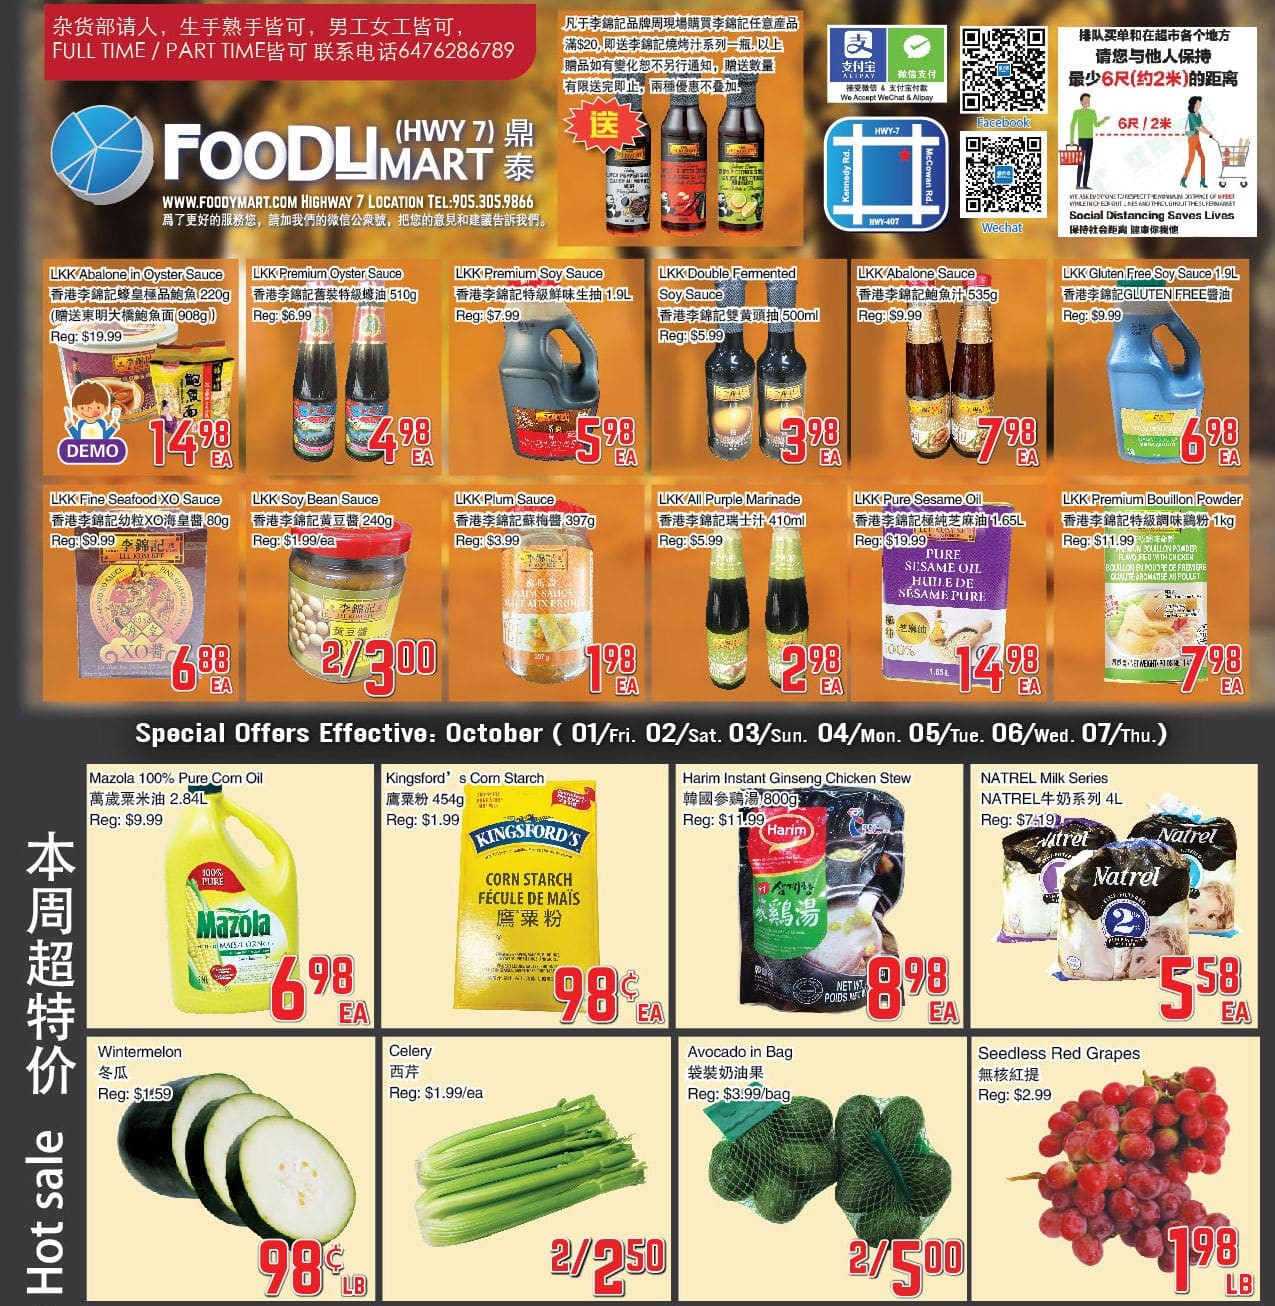 Foody Mart Highway 7 Flyer   Oct 1